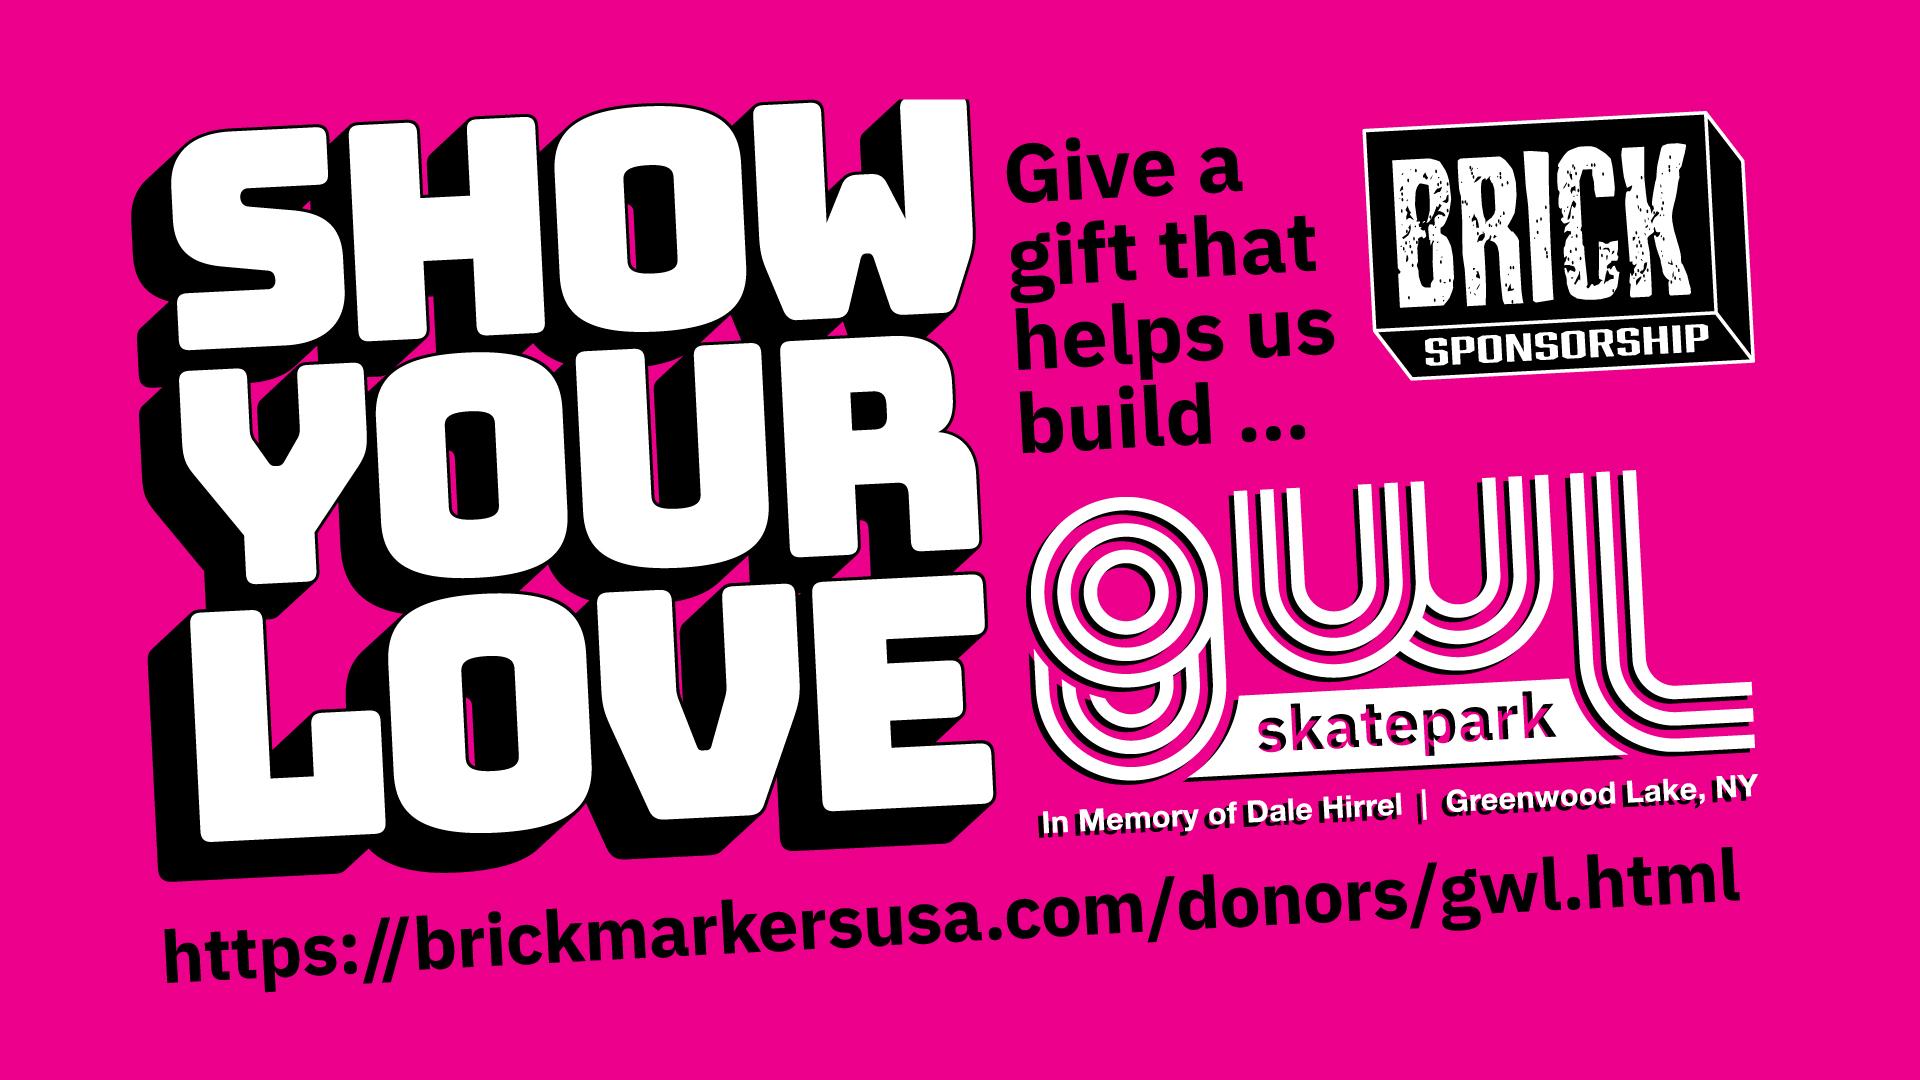 GWL Skatepark, Hudson Valley, Greenwood Lake NY, skatepark fundraiser